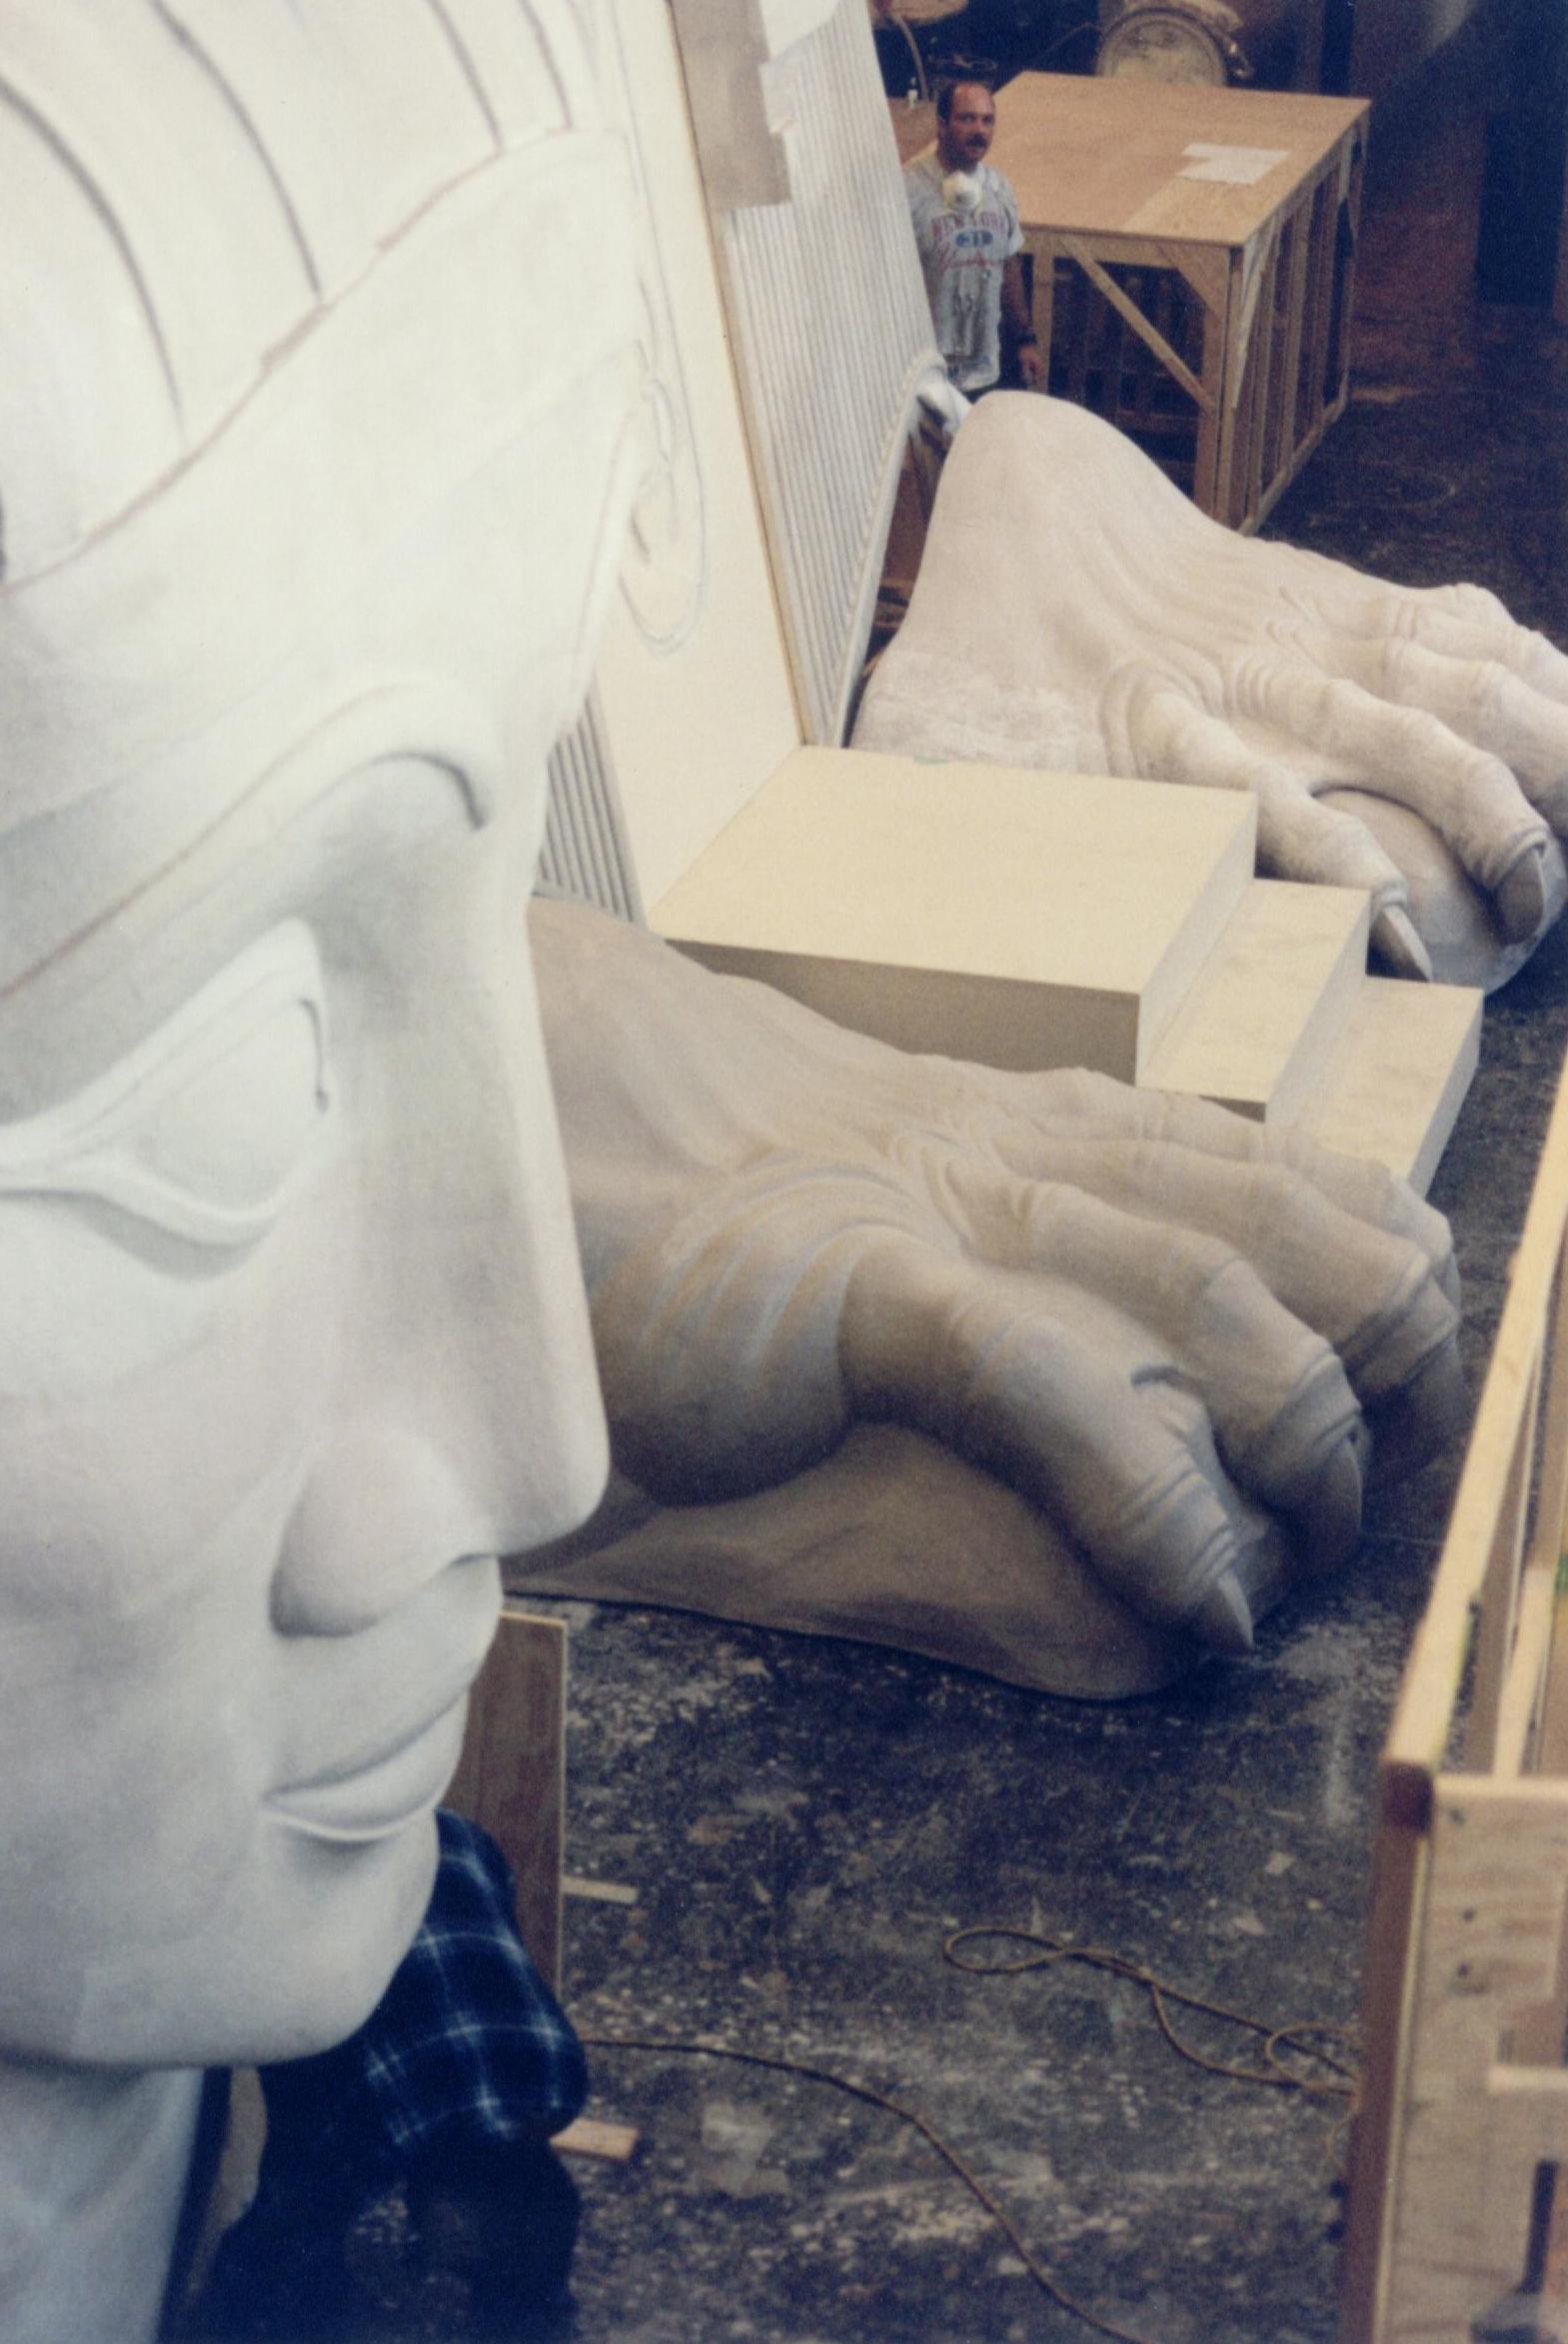 John Keck et al., The Makropolis Case, Sphinx, in process